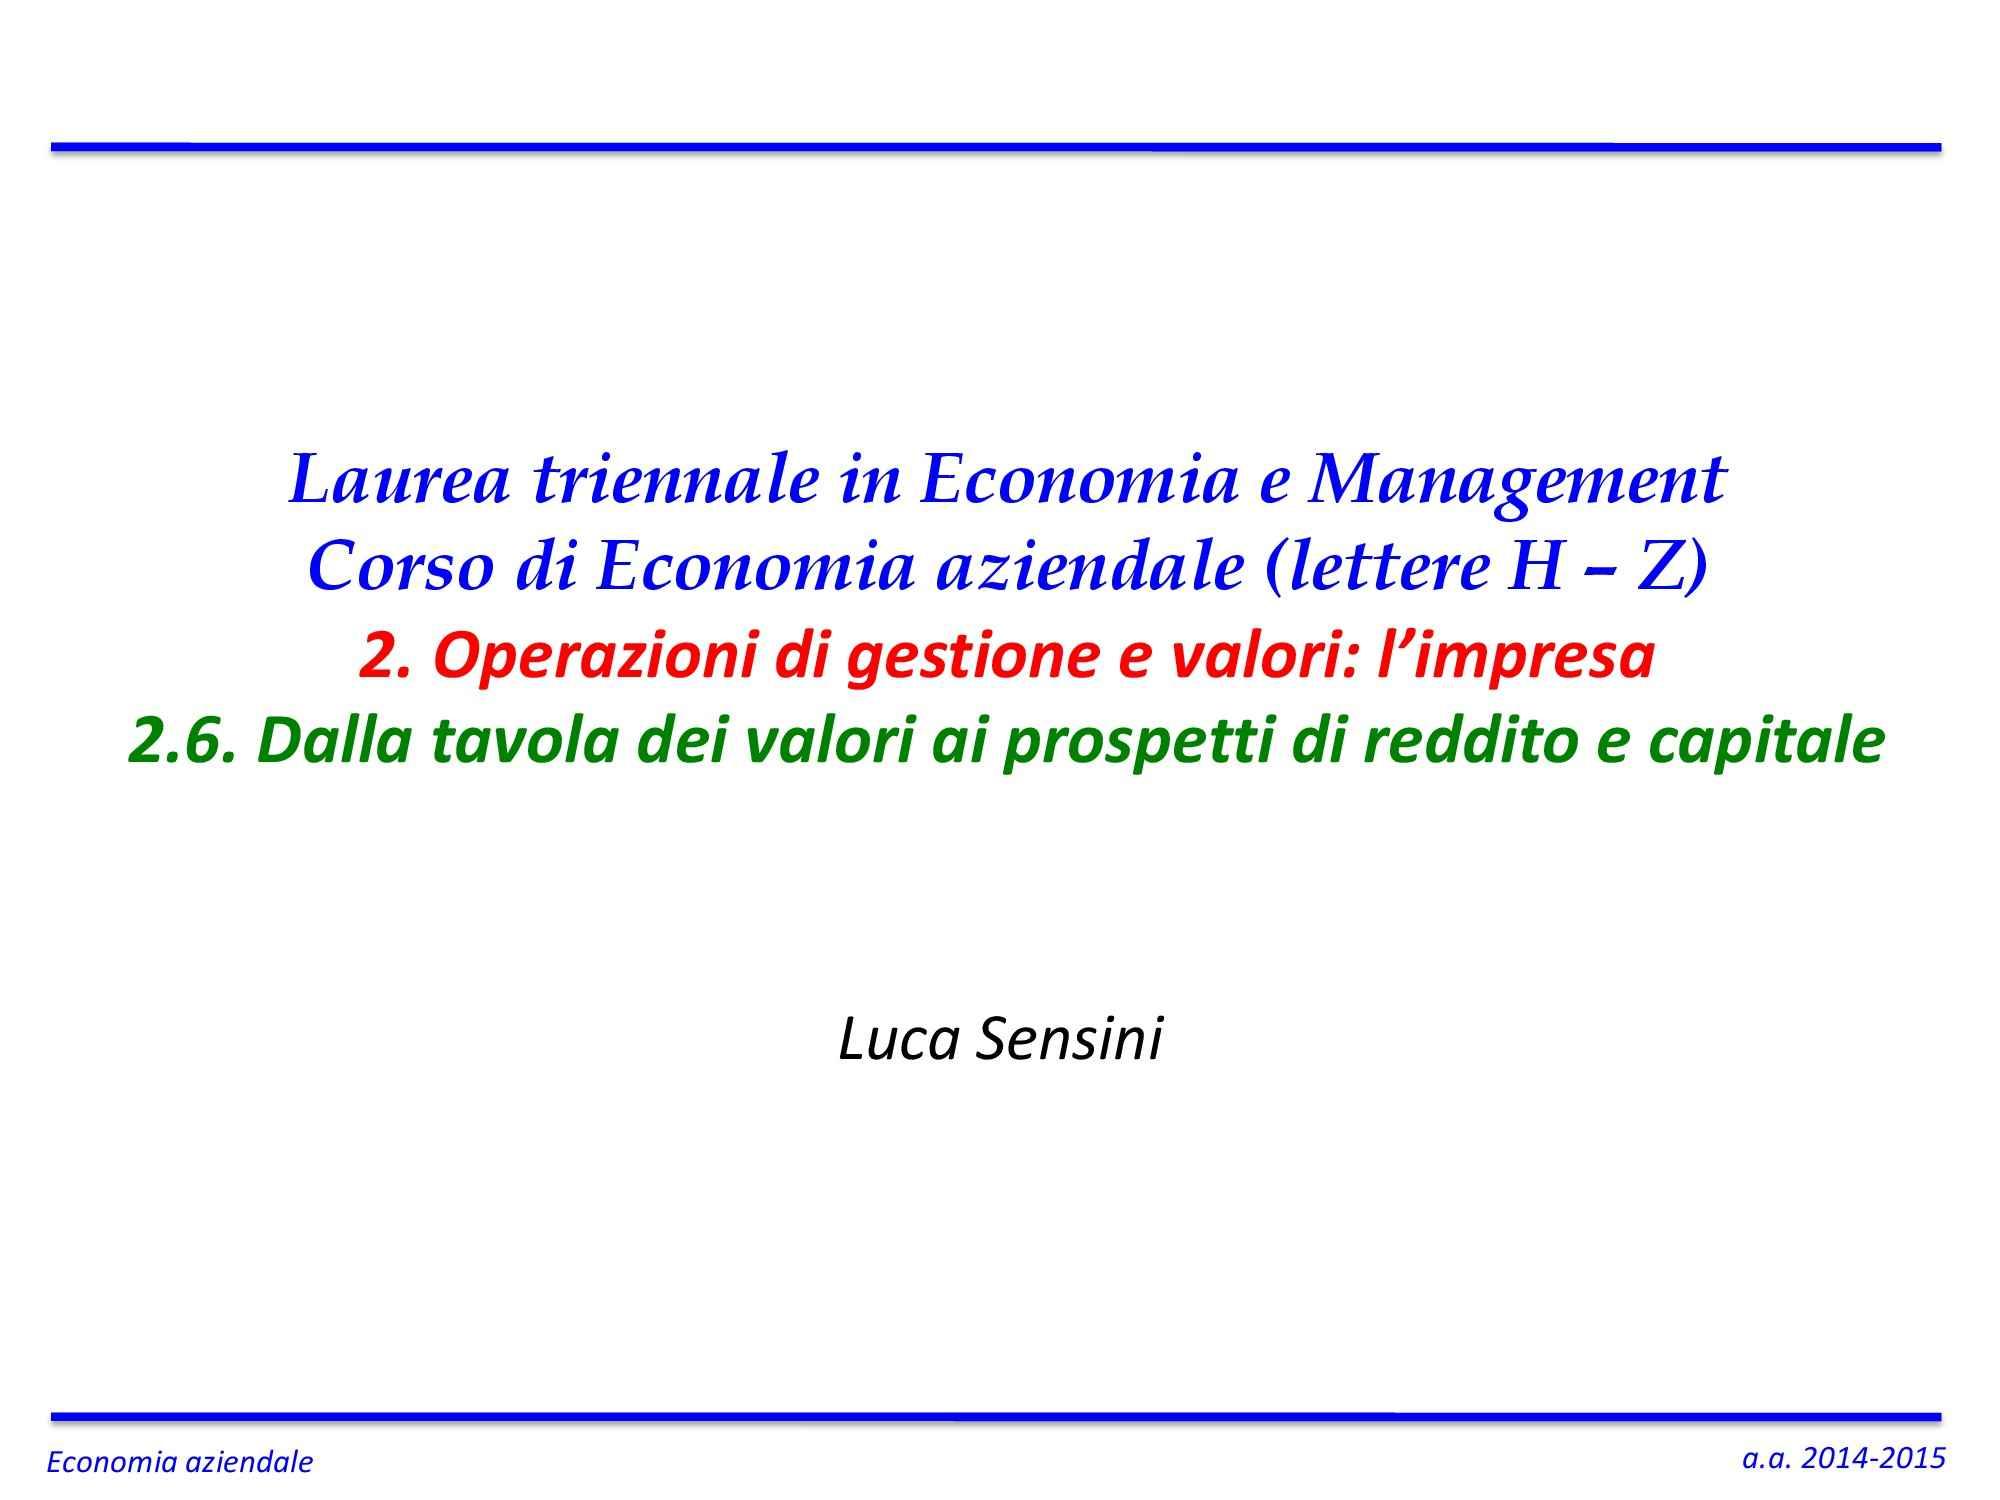 Dispensa di Economia aziendale - Prospetti reddito e capitale imprese